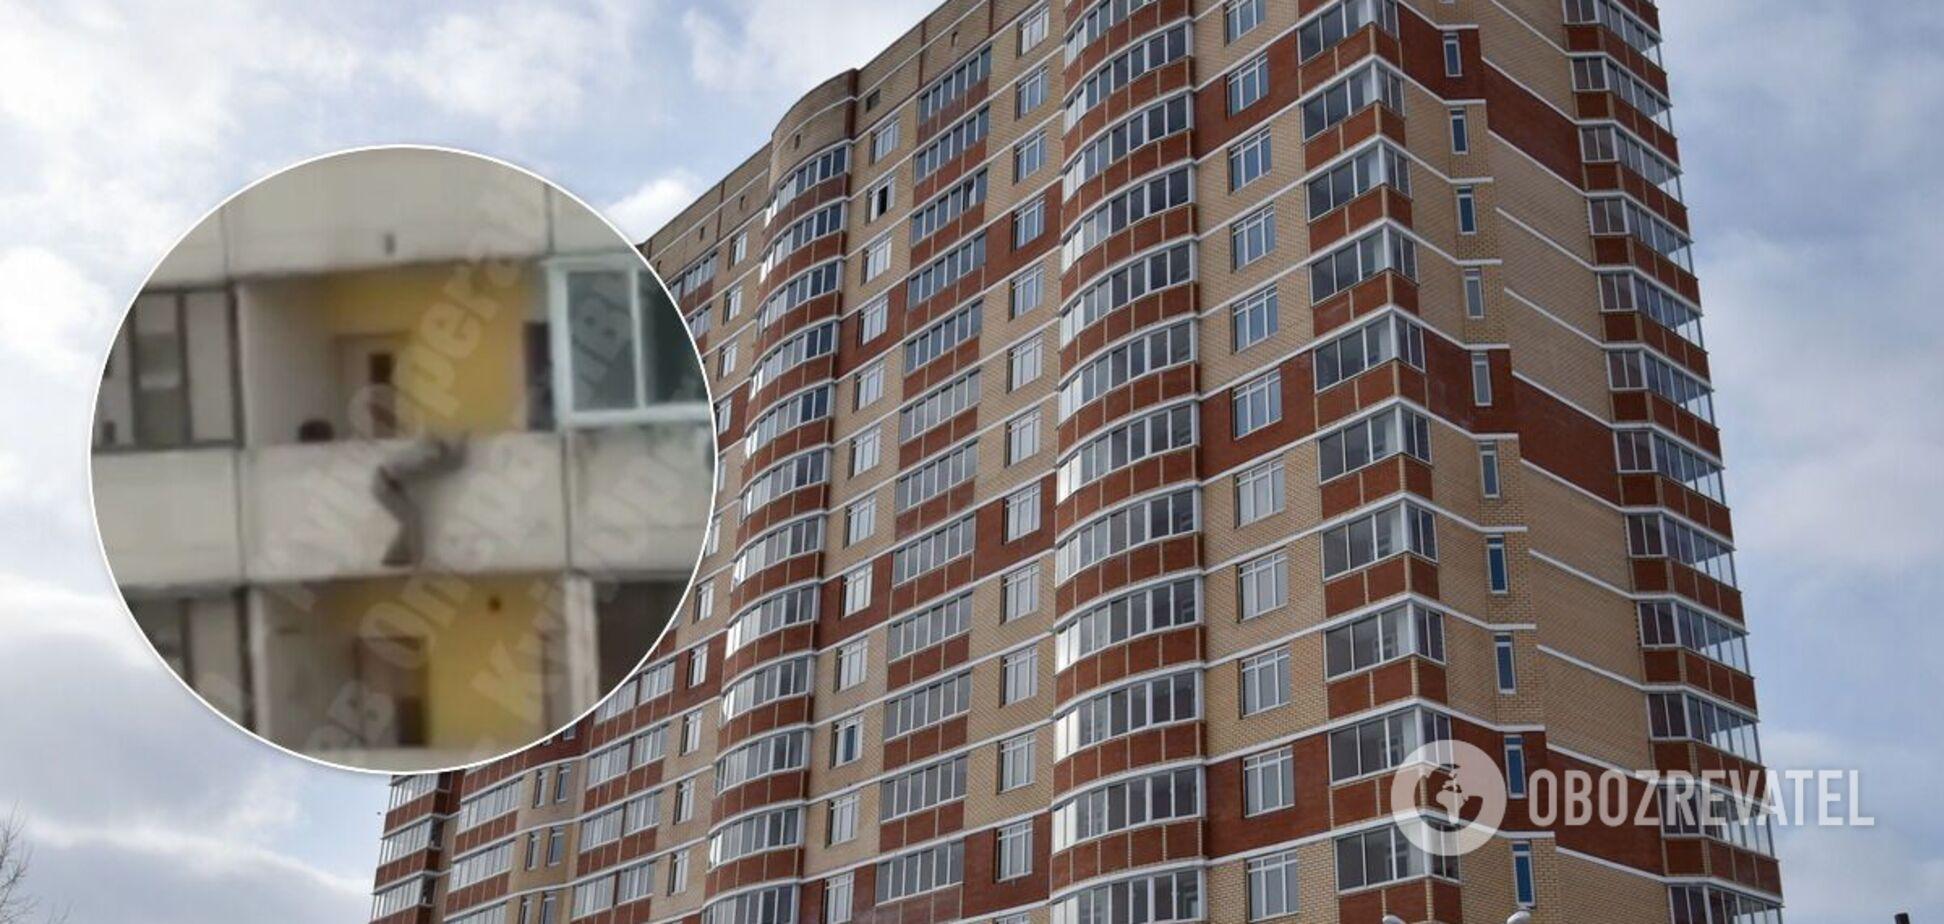 У Києві жінка намагалася вистрибнути з вікна багатоповерхівки. Відео 18+